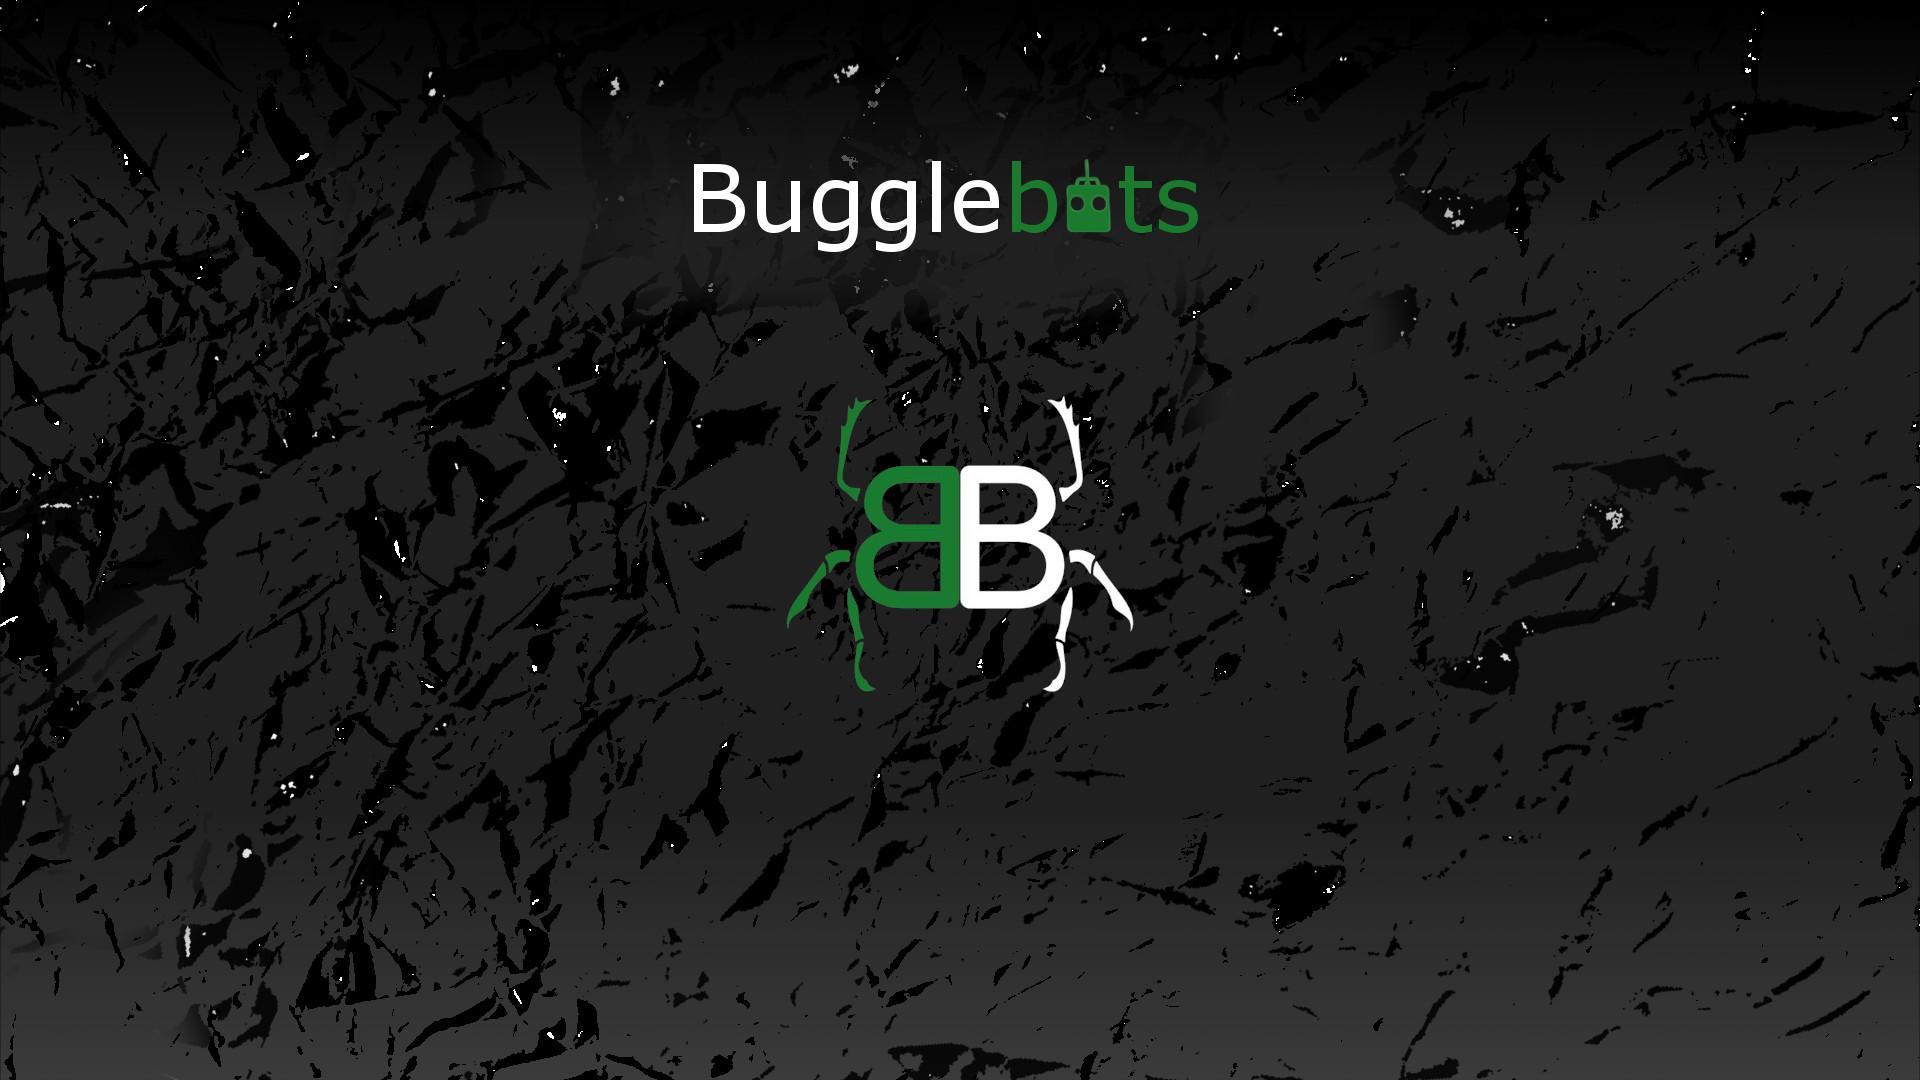 Bugglebots Tv Series 2018 Now